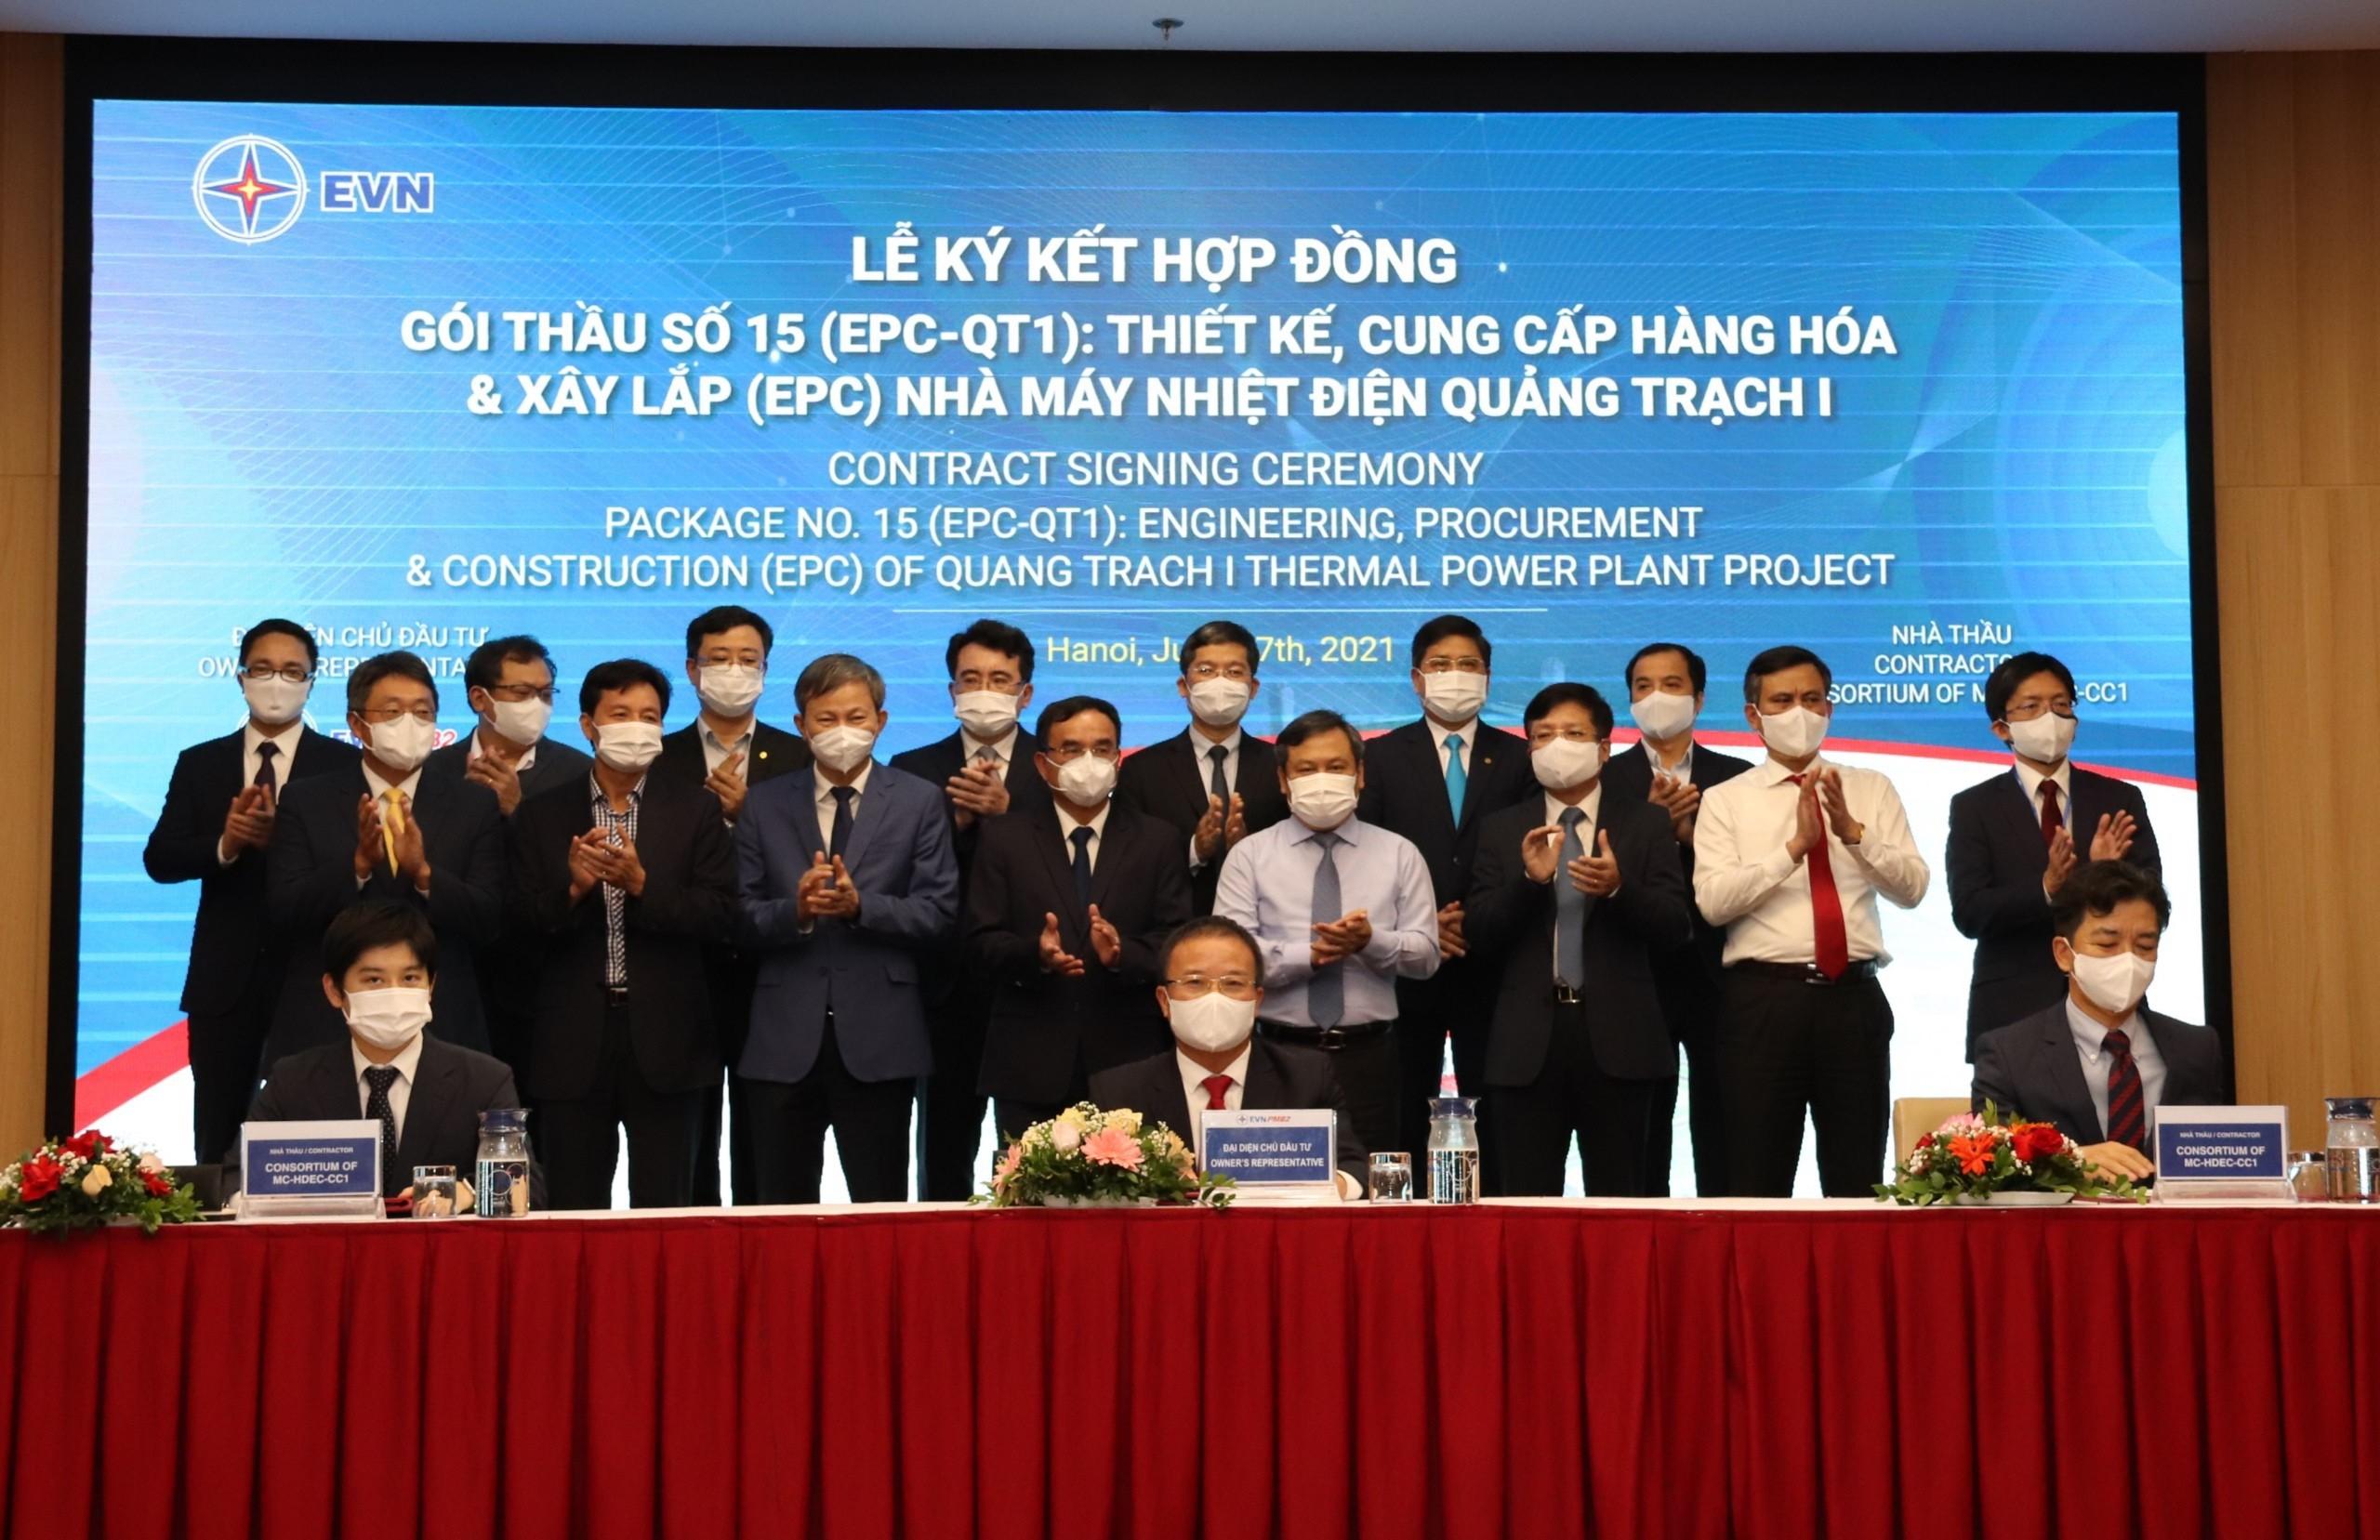 3 doanh nghiệp lớn trúng gói thầu 1,3 tỷ USD Dự án Nhà máy Nhiệt điện Quảng Trạch I